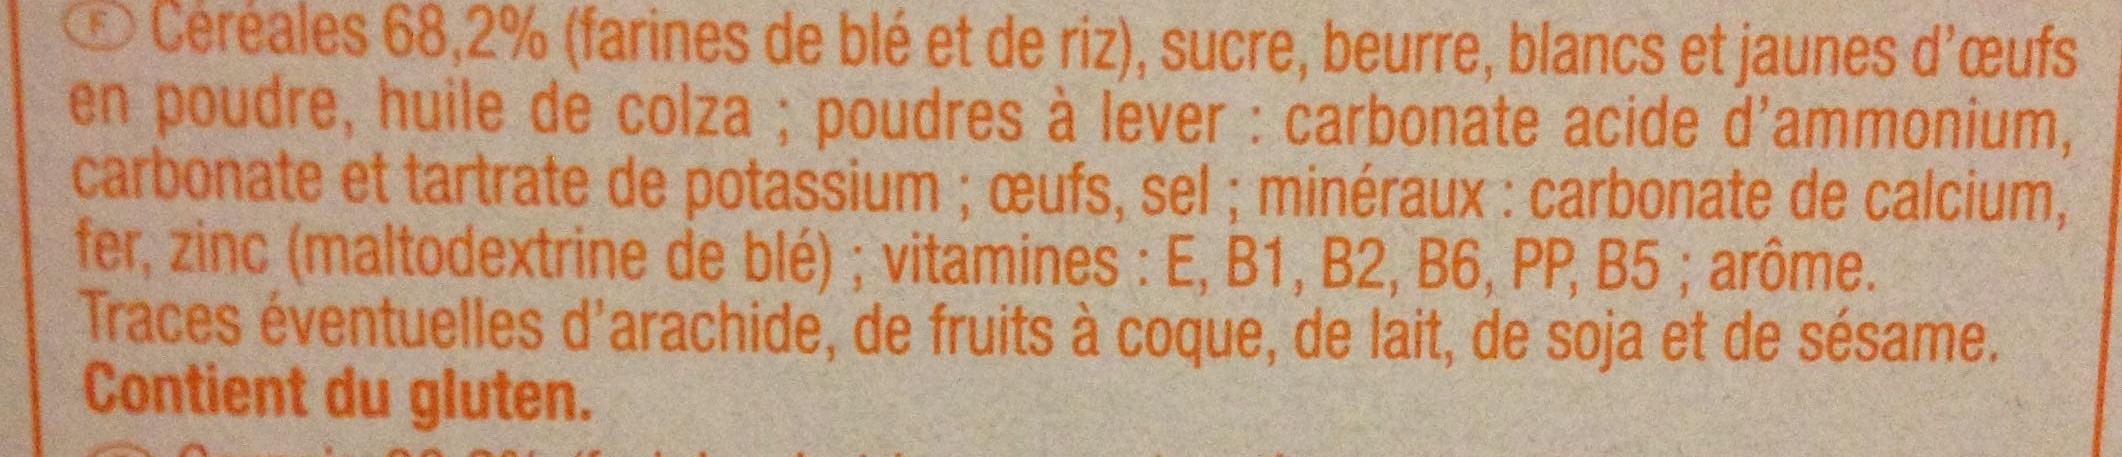 Biscuits bébé - Ingredients - fr